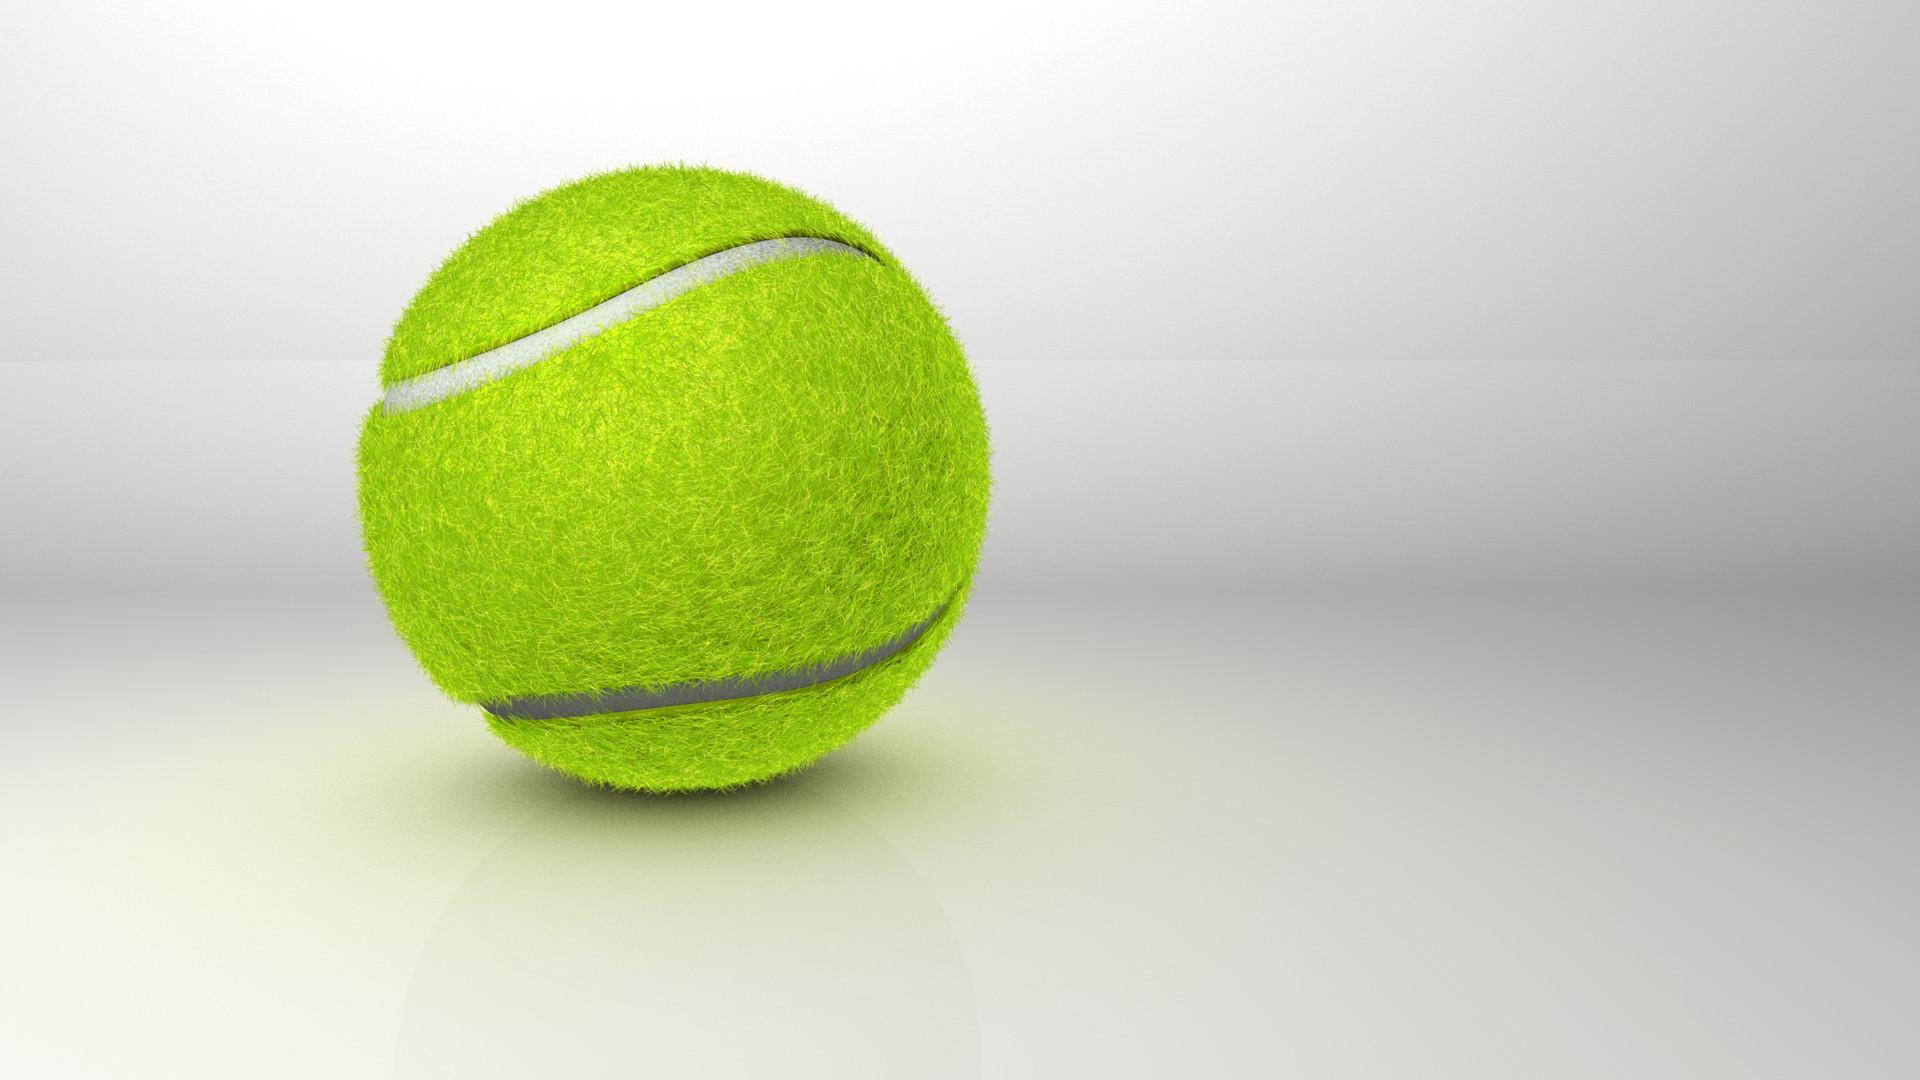 теннисный мяч  № 1367224 загрузить